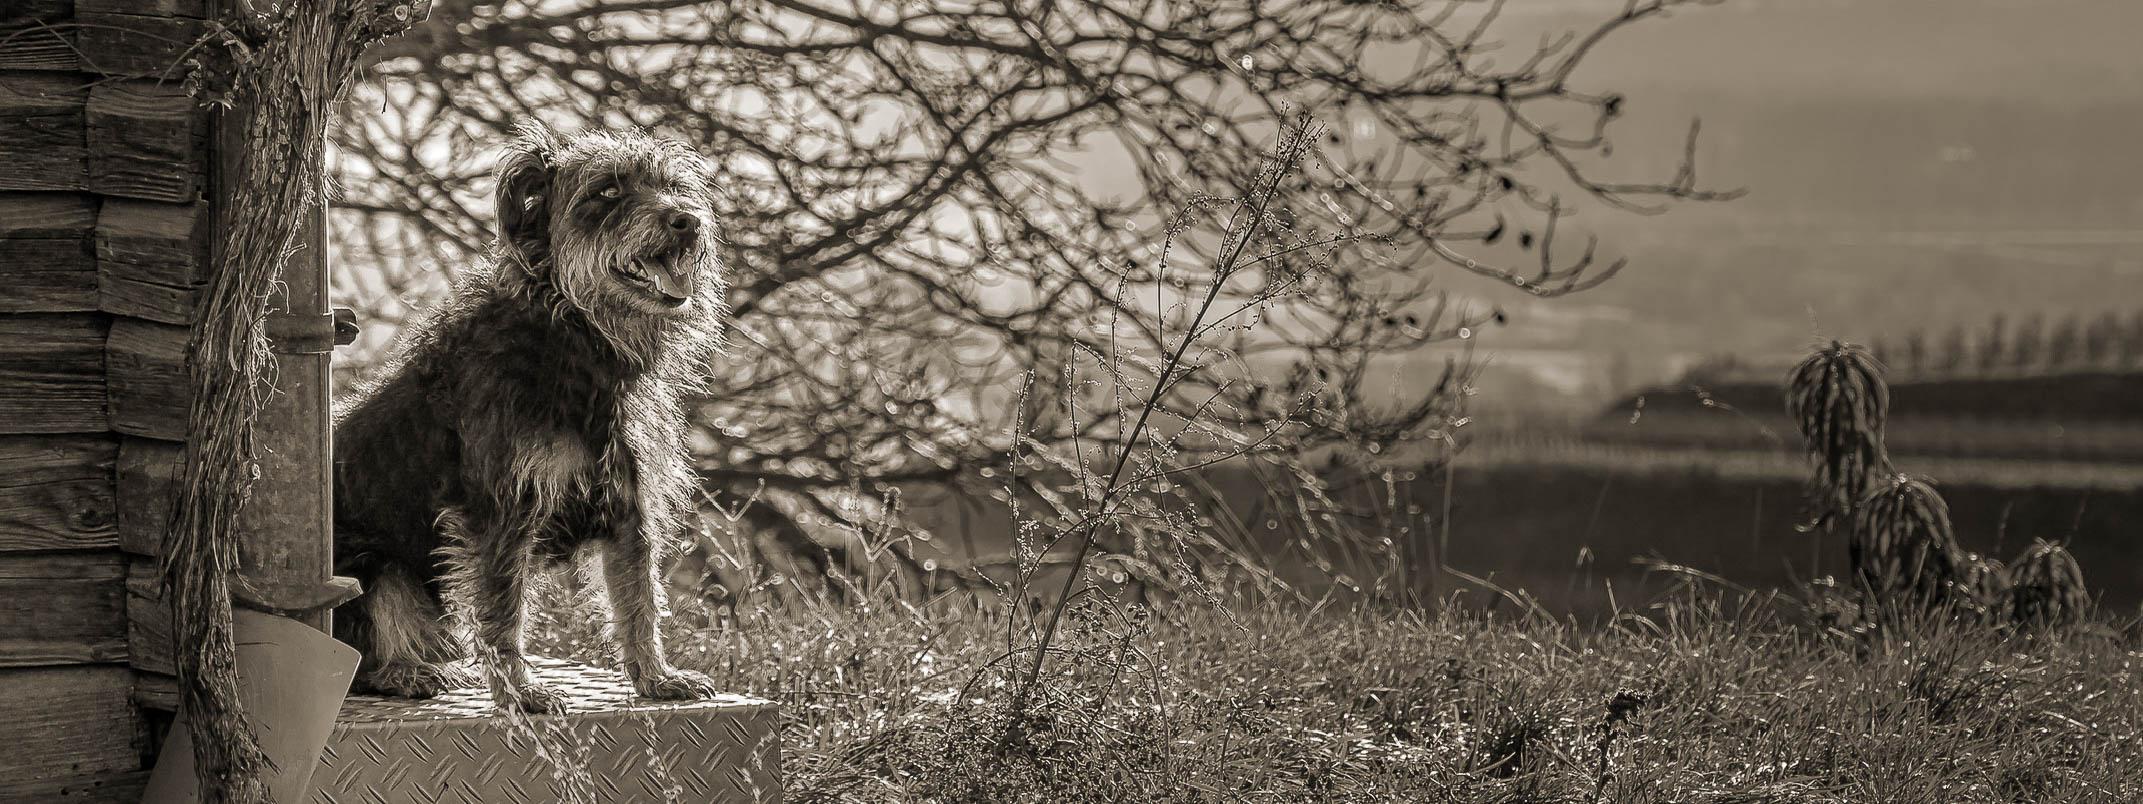 Ein Dackel sitzt vor einer Hütte